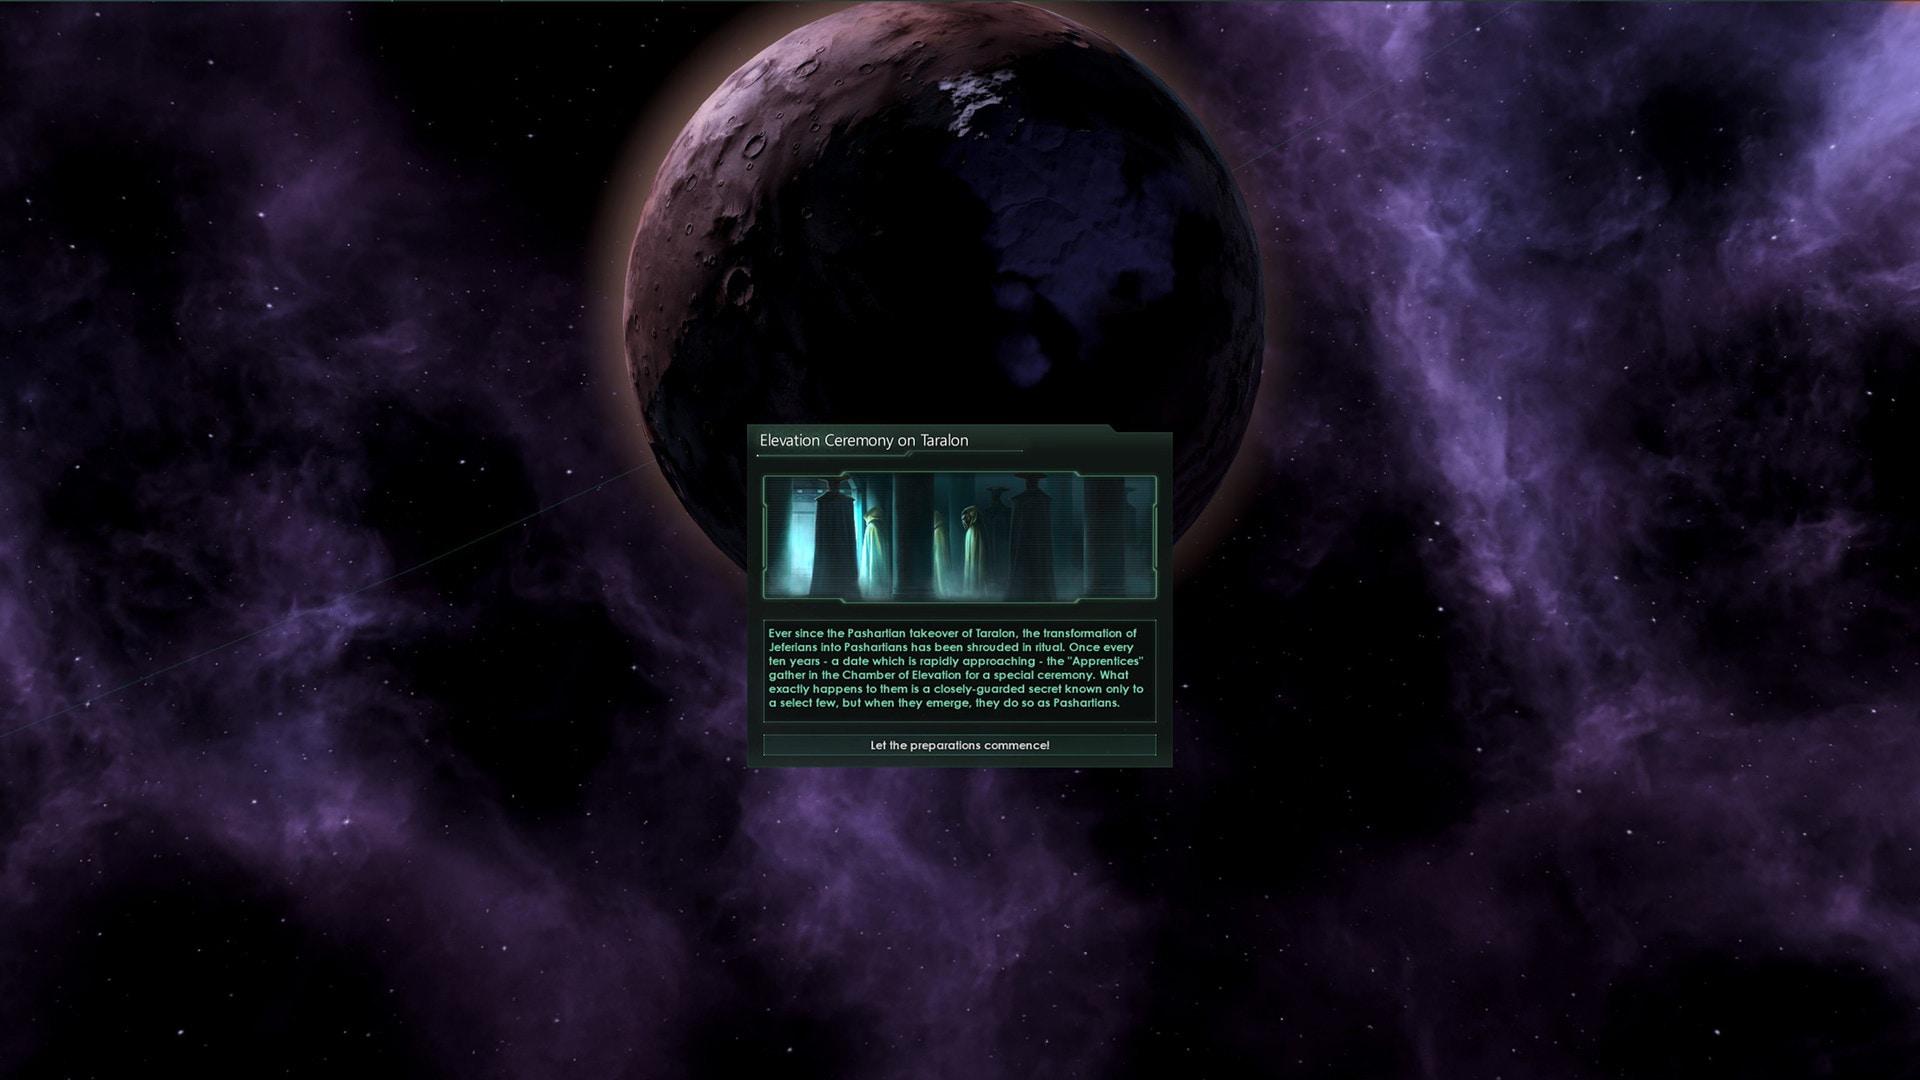 Stellaris: Necroids Species Pack (PC) - Steam Key - GLOBAL - 4